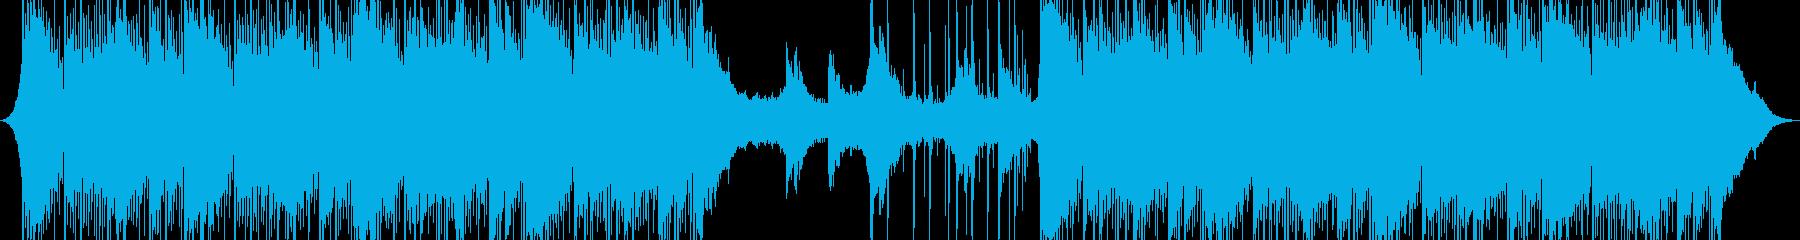 インスピレーションを与える企業音楽の再生済みの波形